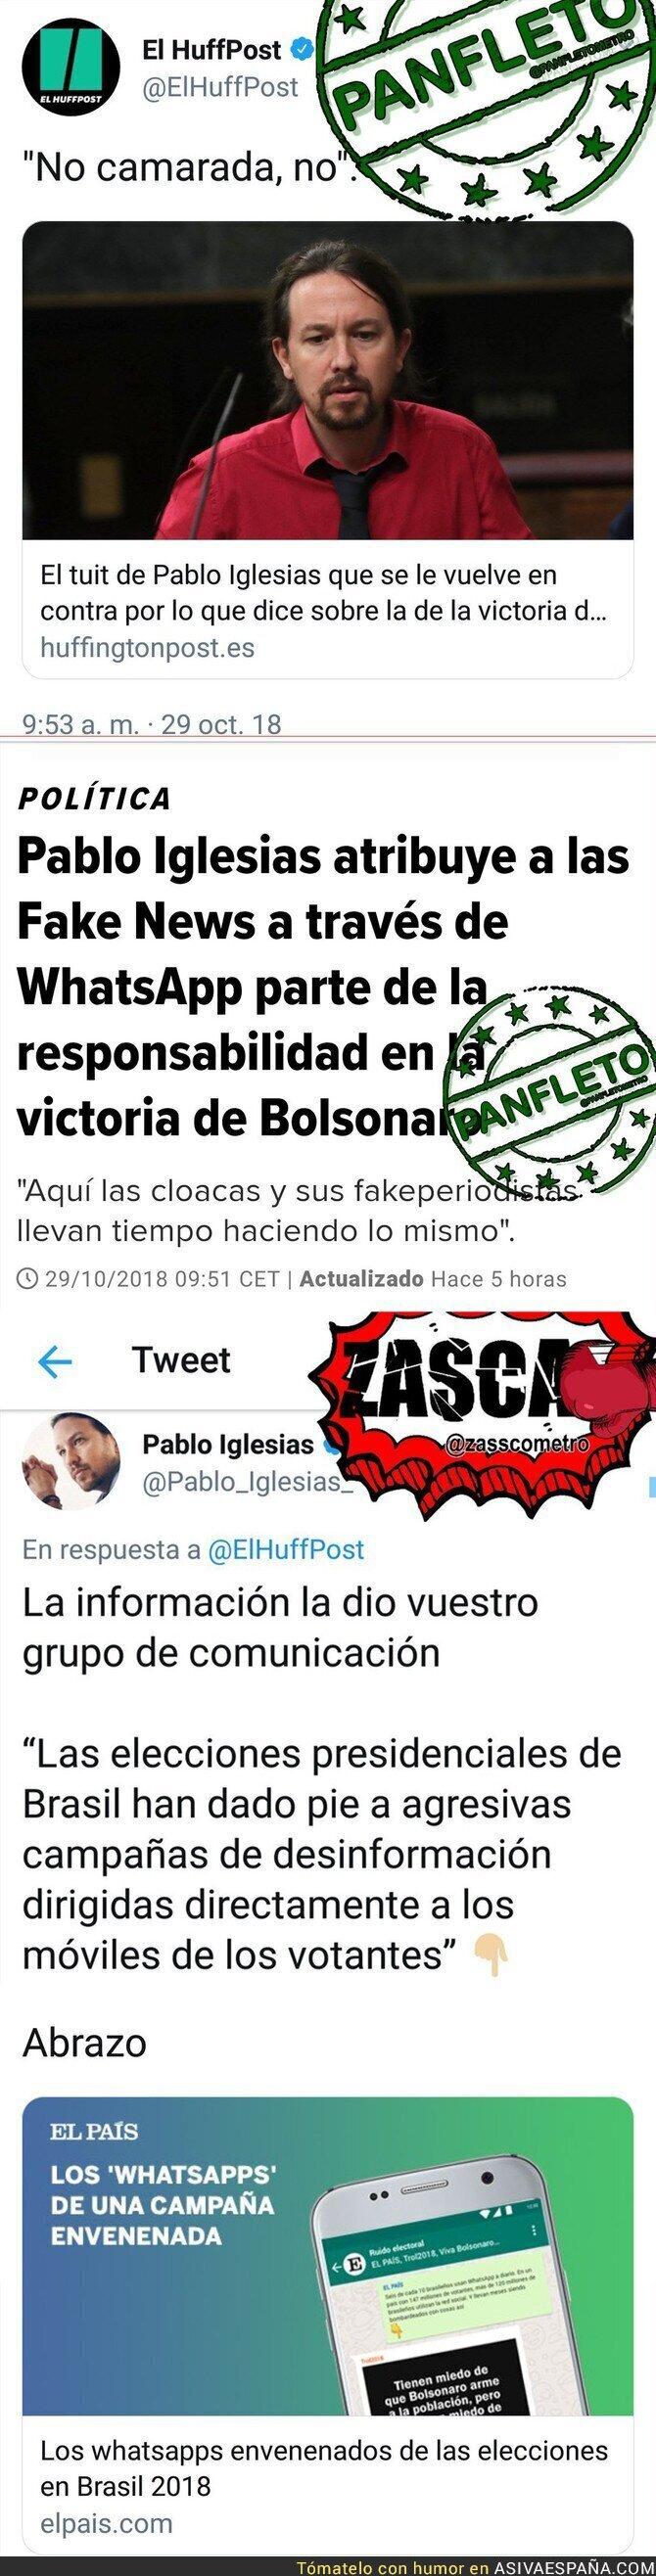 96475 - Pablo Iglesias le pega un revés a 'El HuffPost' con una noticia sobre las fake news